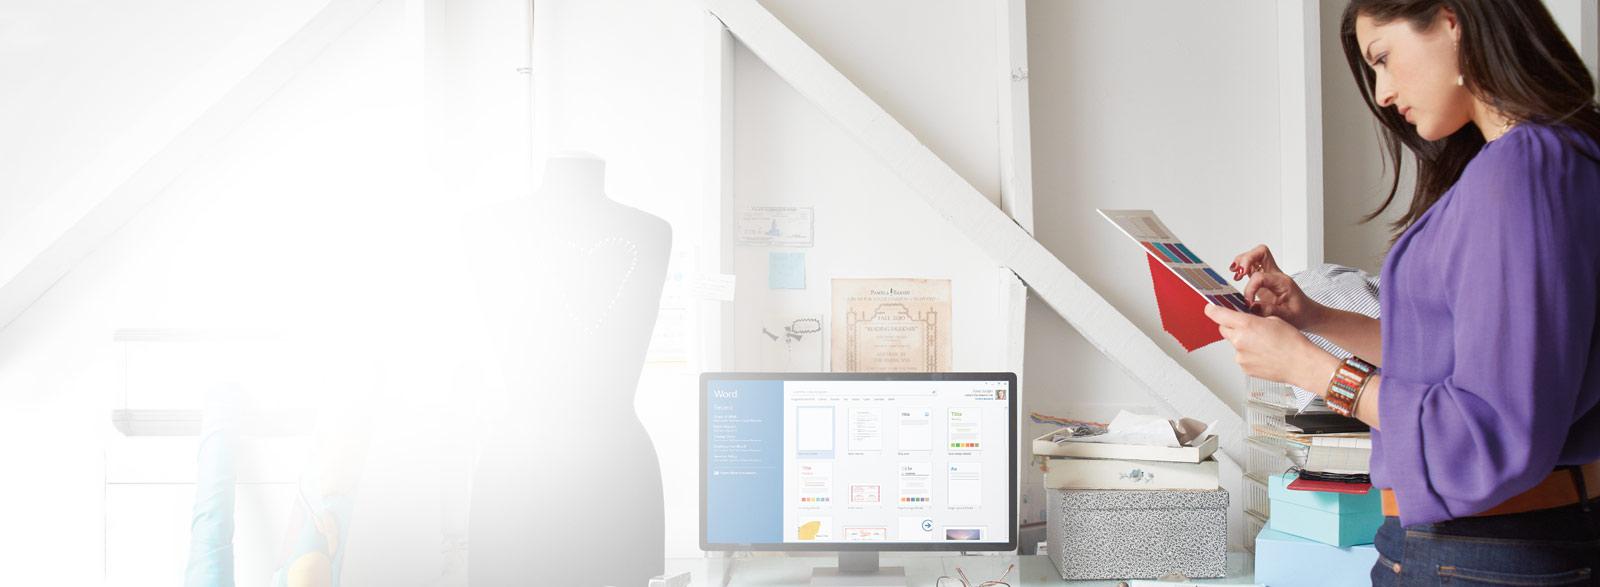 Office 365 Business: Office-programma's op meerdere apparaten, plus functionaliteit voor het opslaan en delen van bestanden.